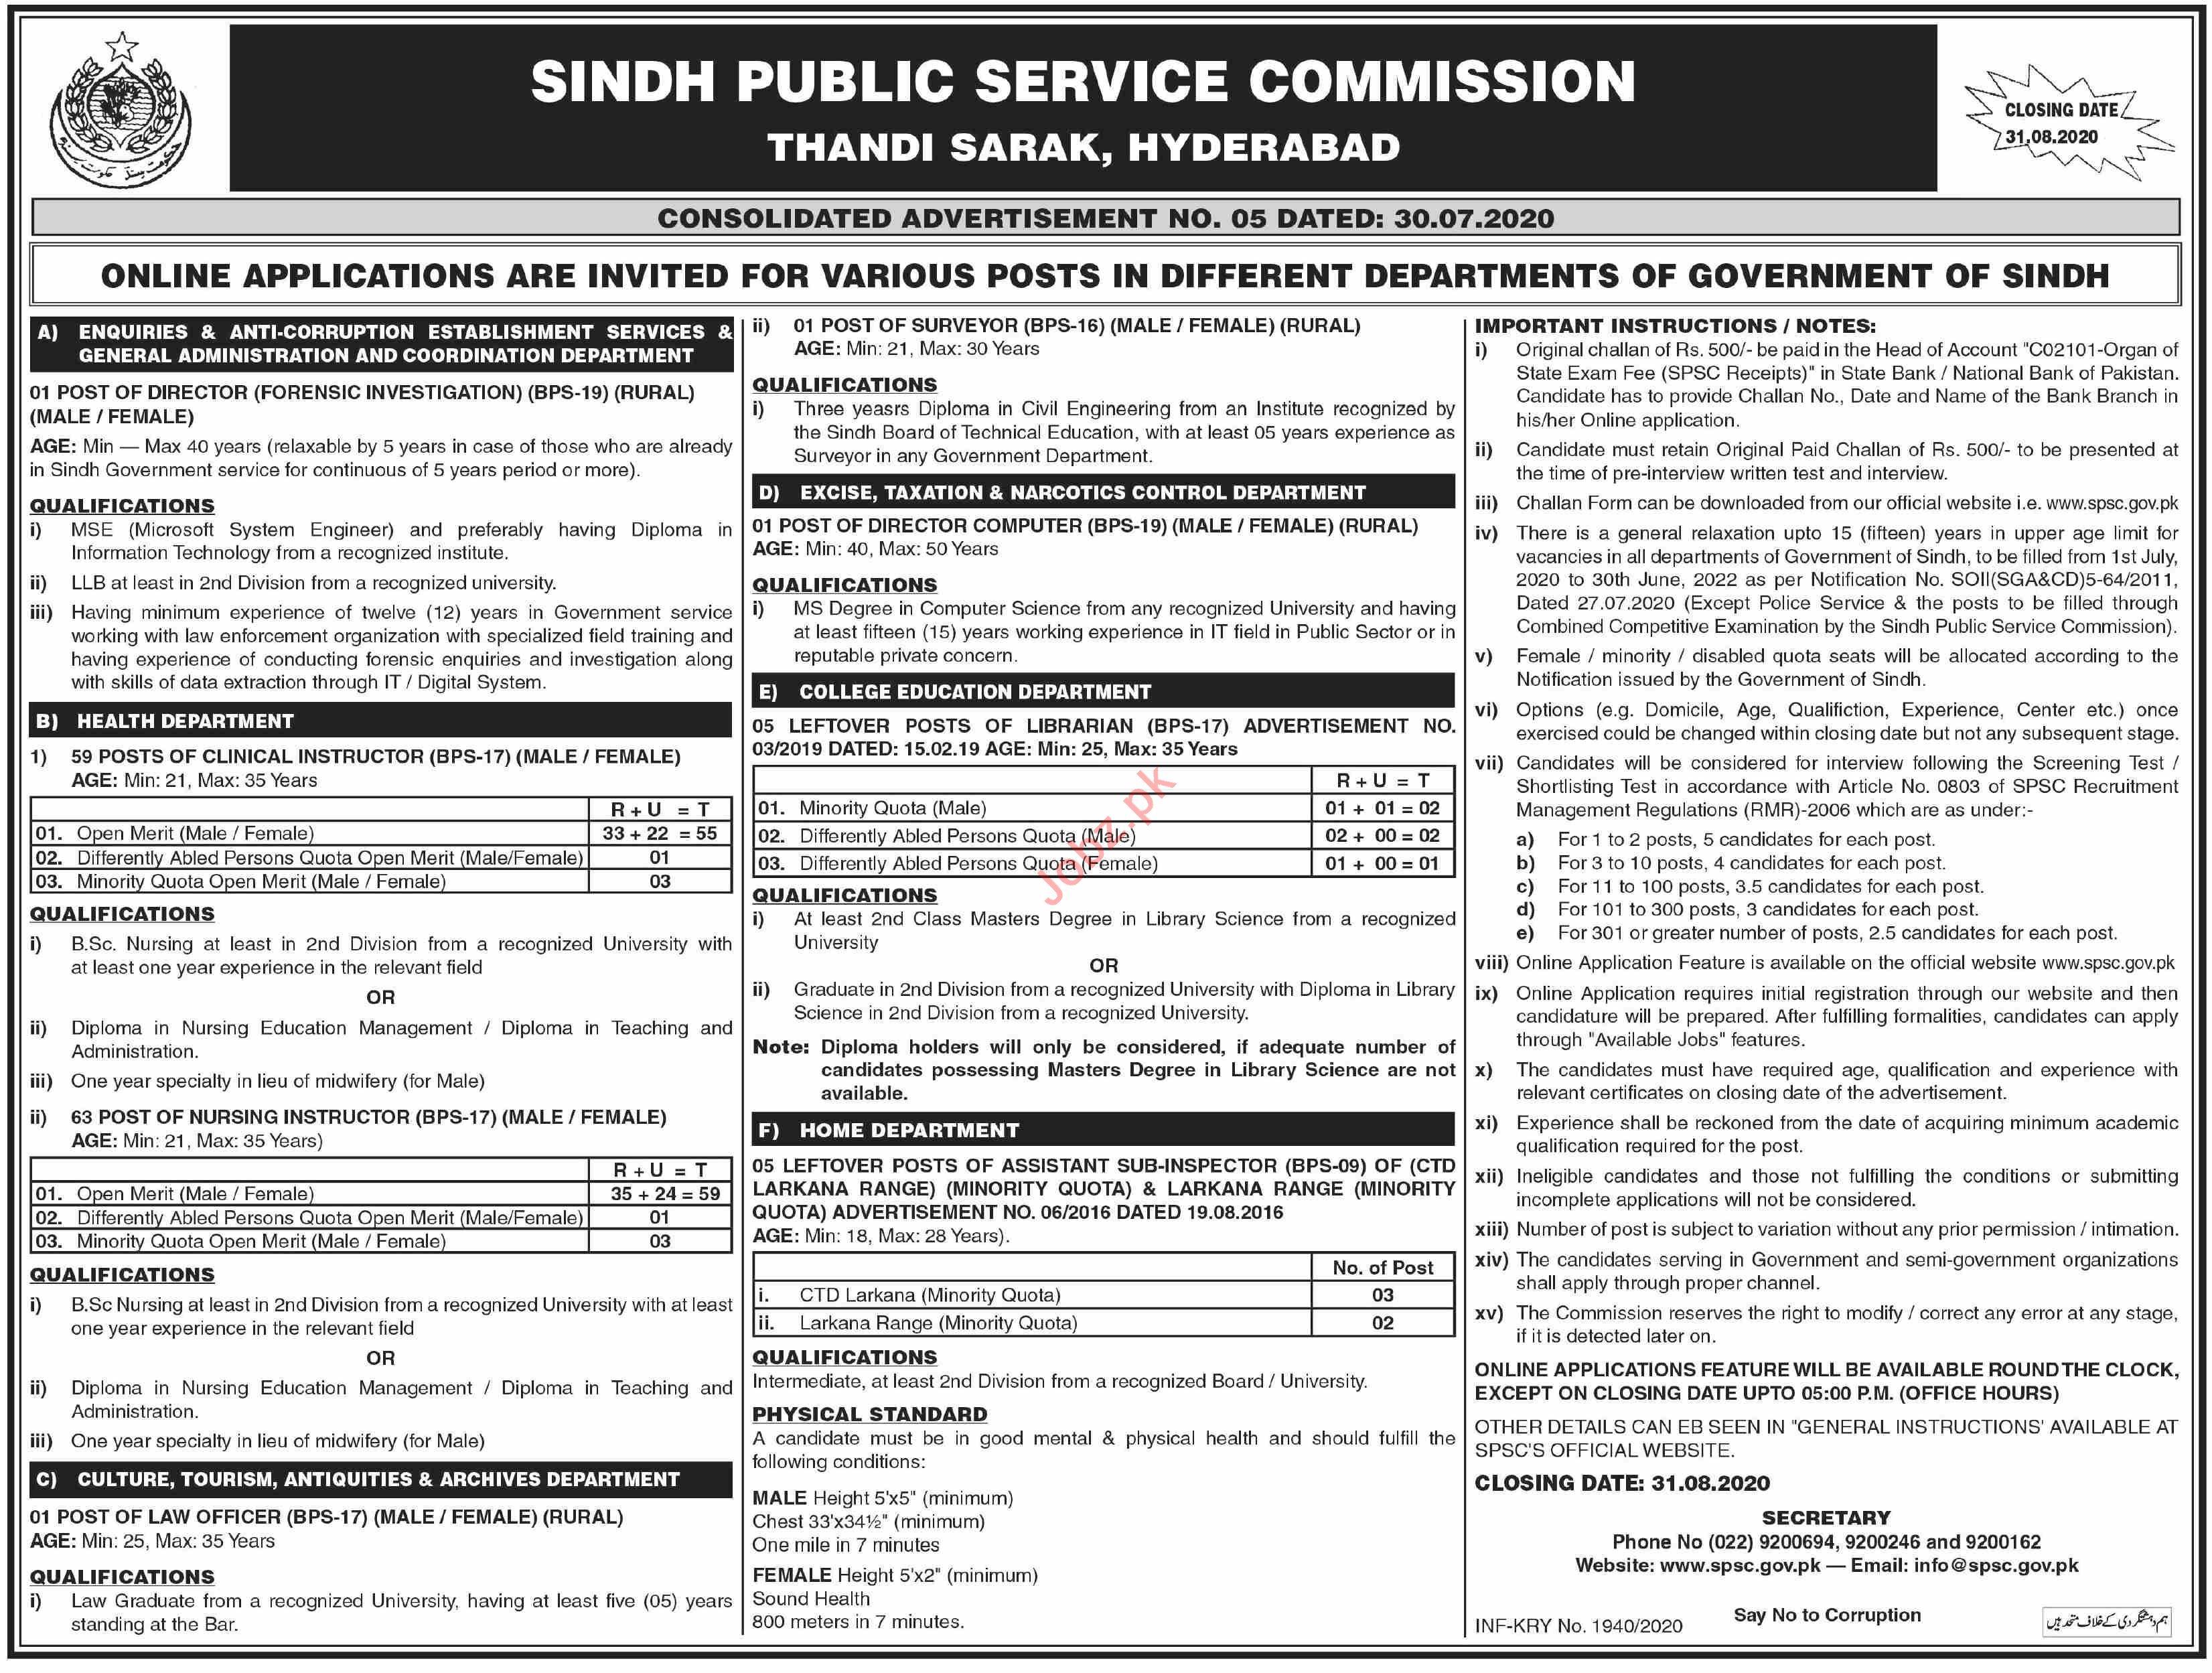 Sindh Public Service Commission SPSC Jobs August 2020